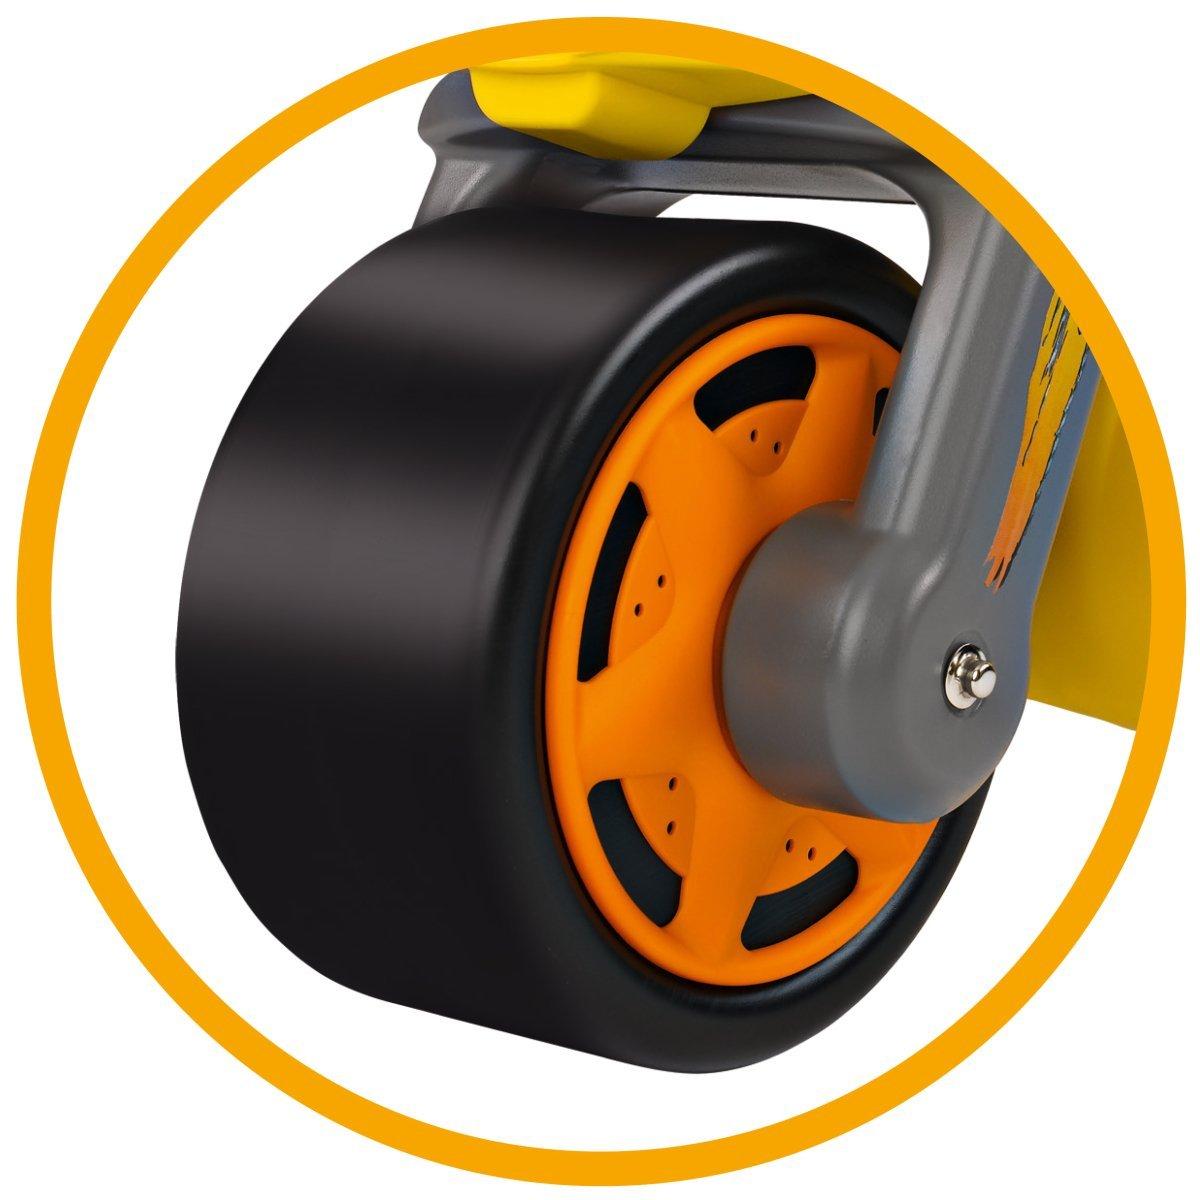 BIG 800056329 Apertura por empuje Motocicleta juguete de montar - Juguetes de montar (670 mm, 310 mm, 460 mm): Amazon.es: Juguetes y juegos